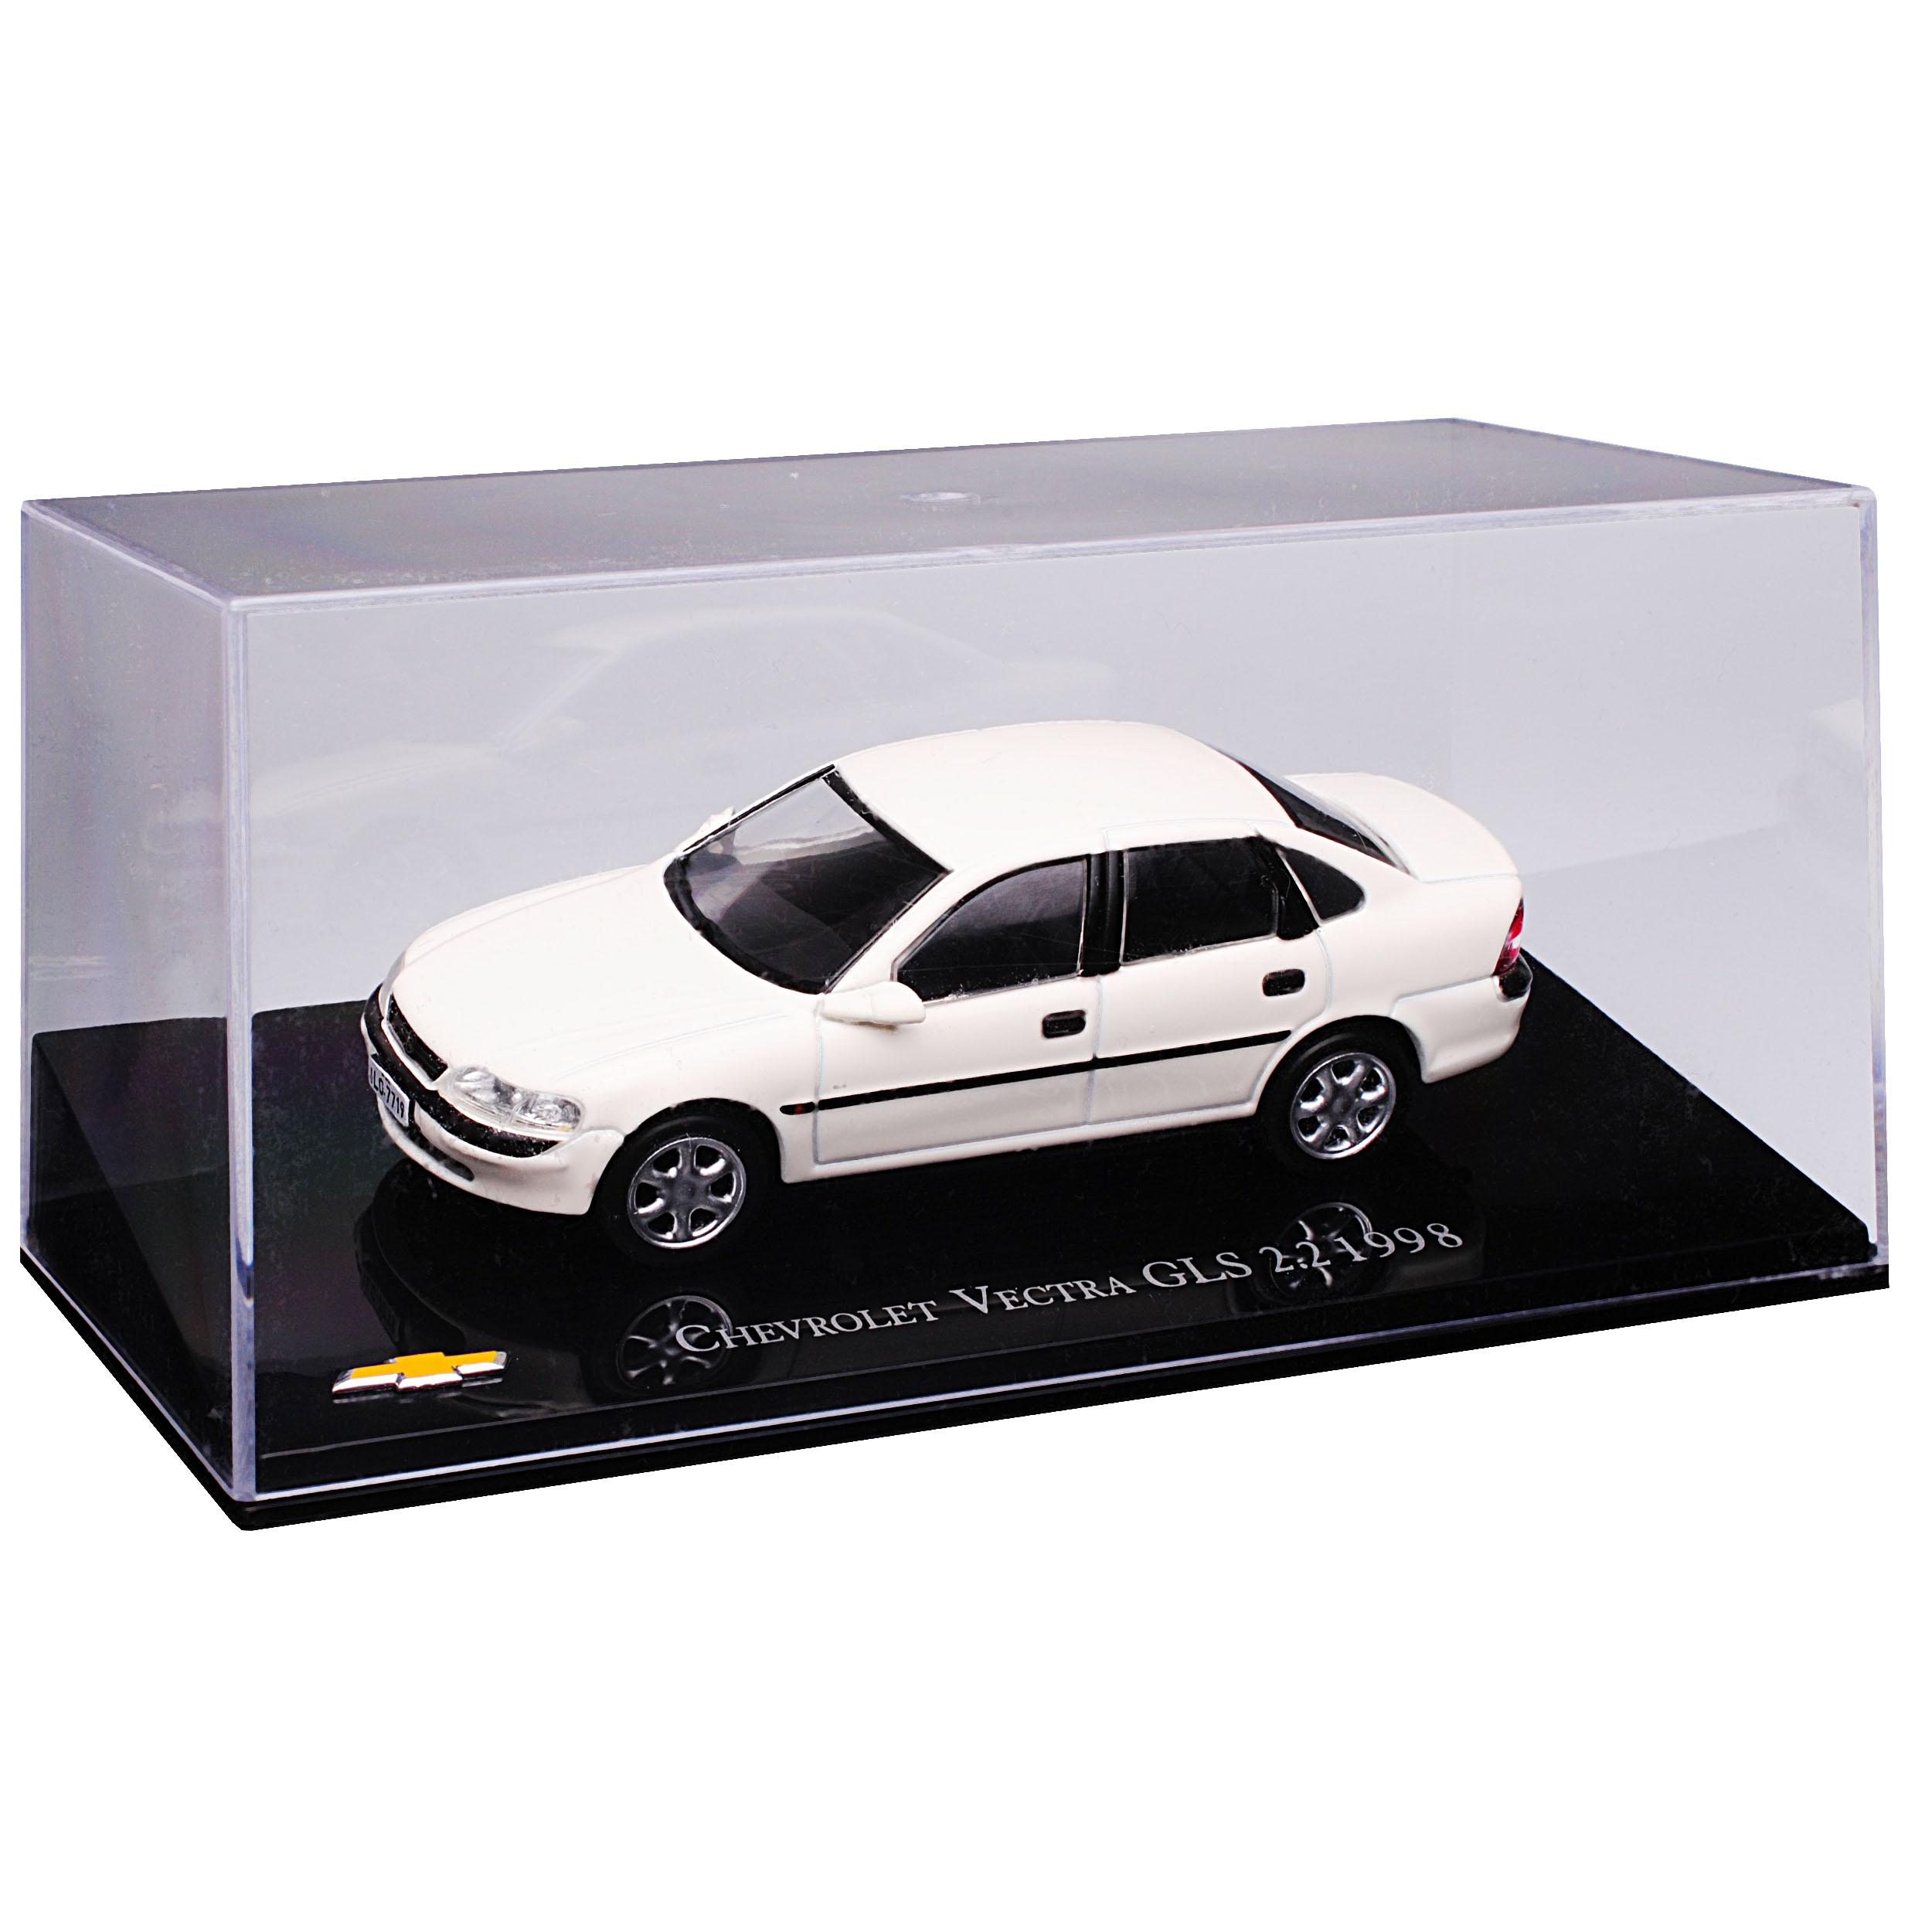 BIANCO 1995-2002 1//43 Ixo modello auto con ode... CHEVROLET OPEL Vectra B Lim